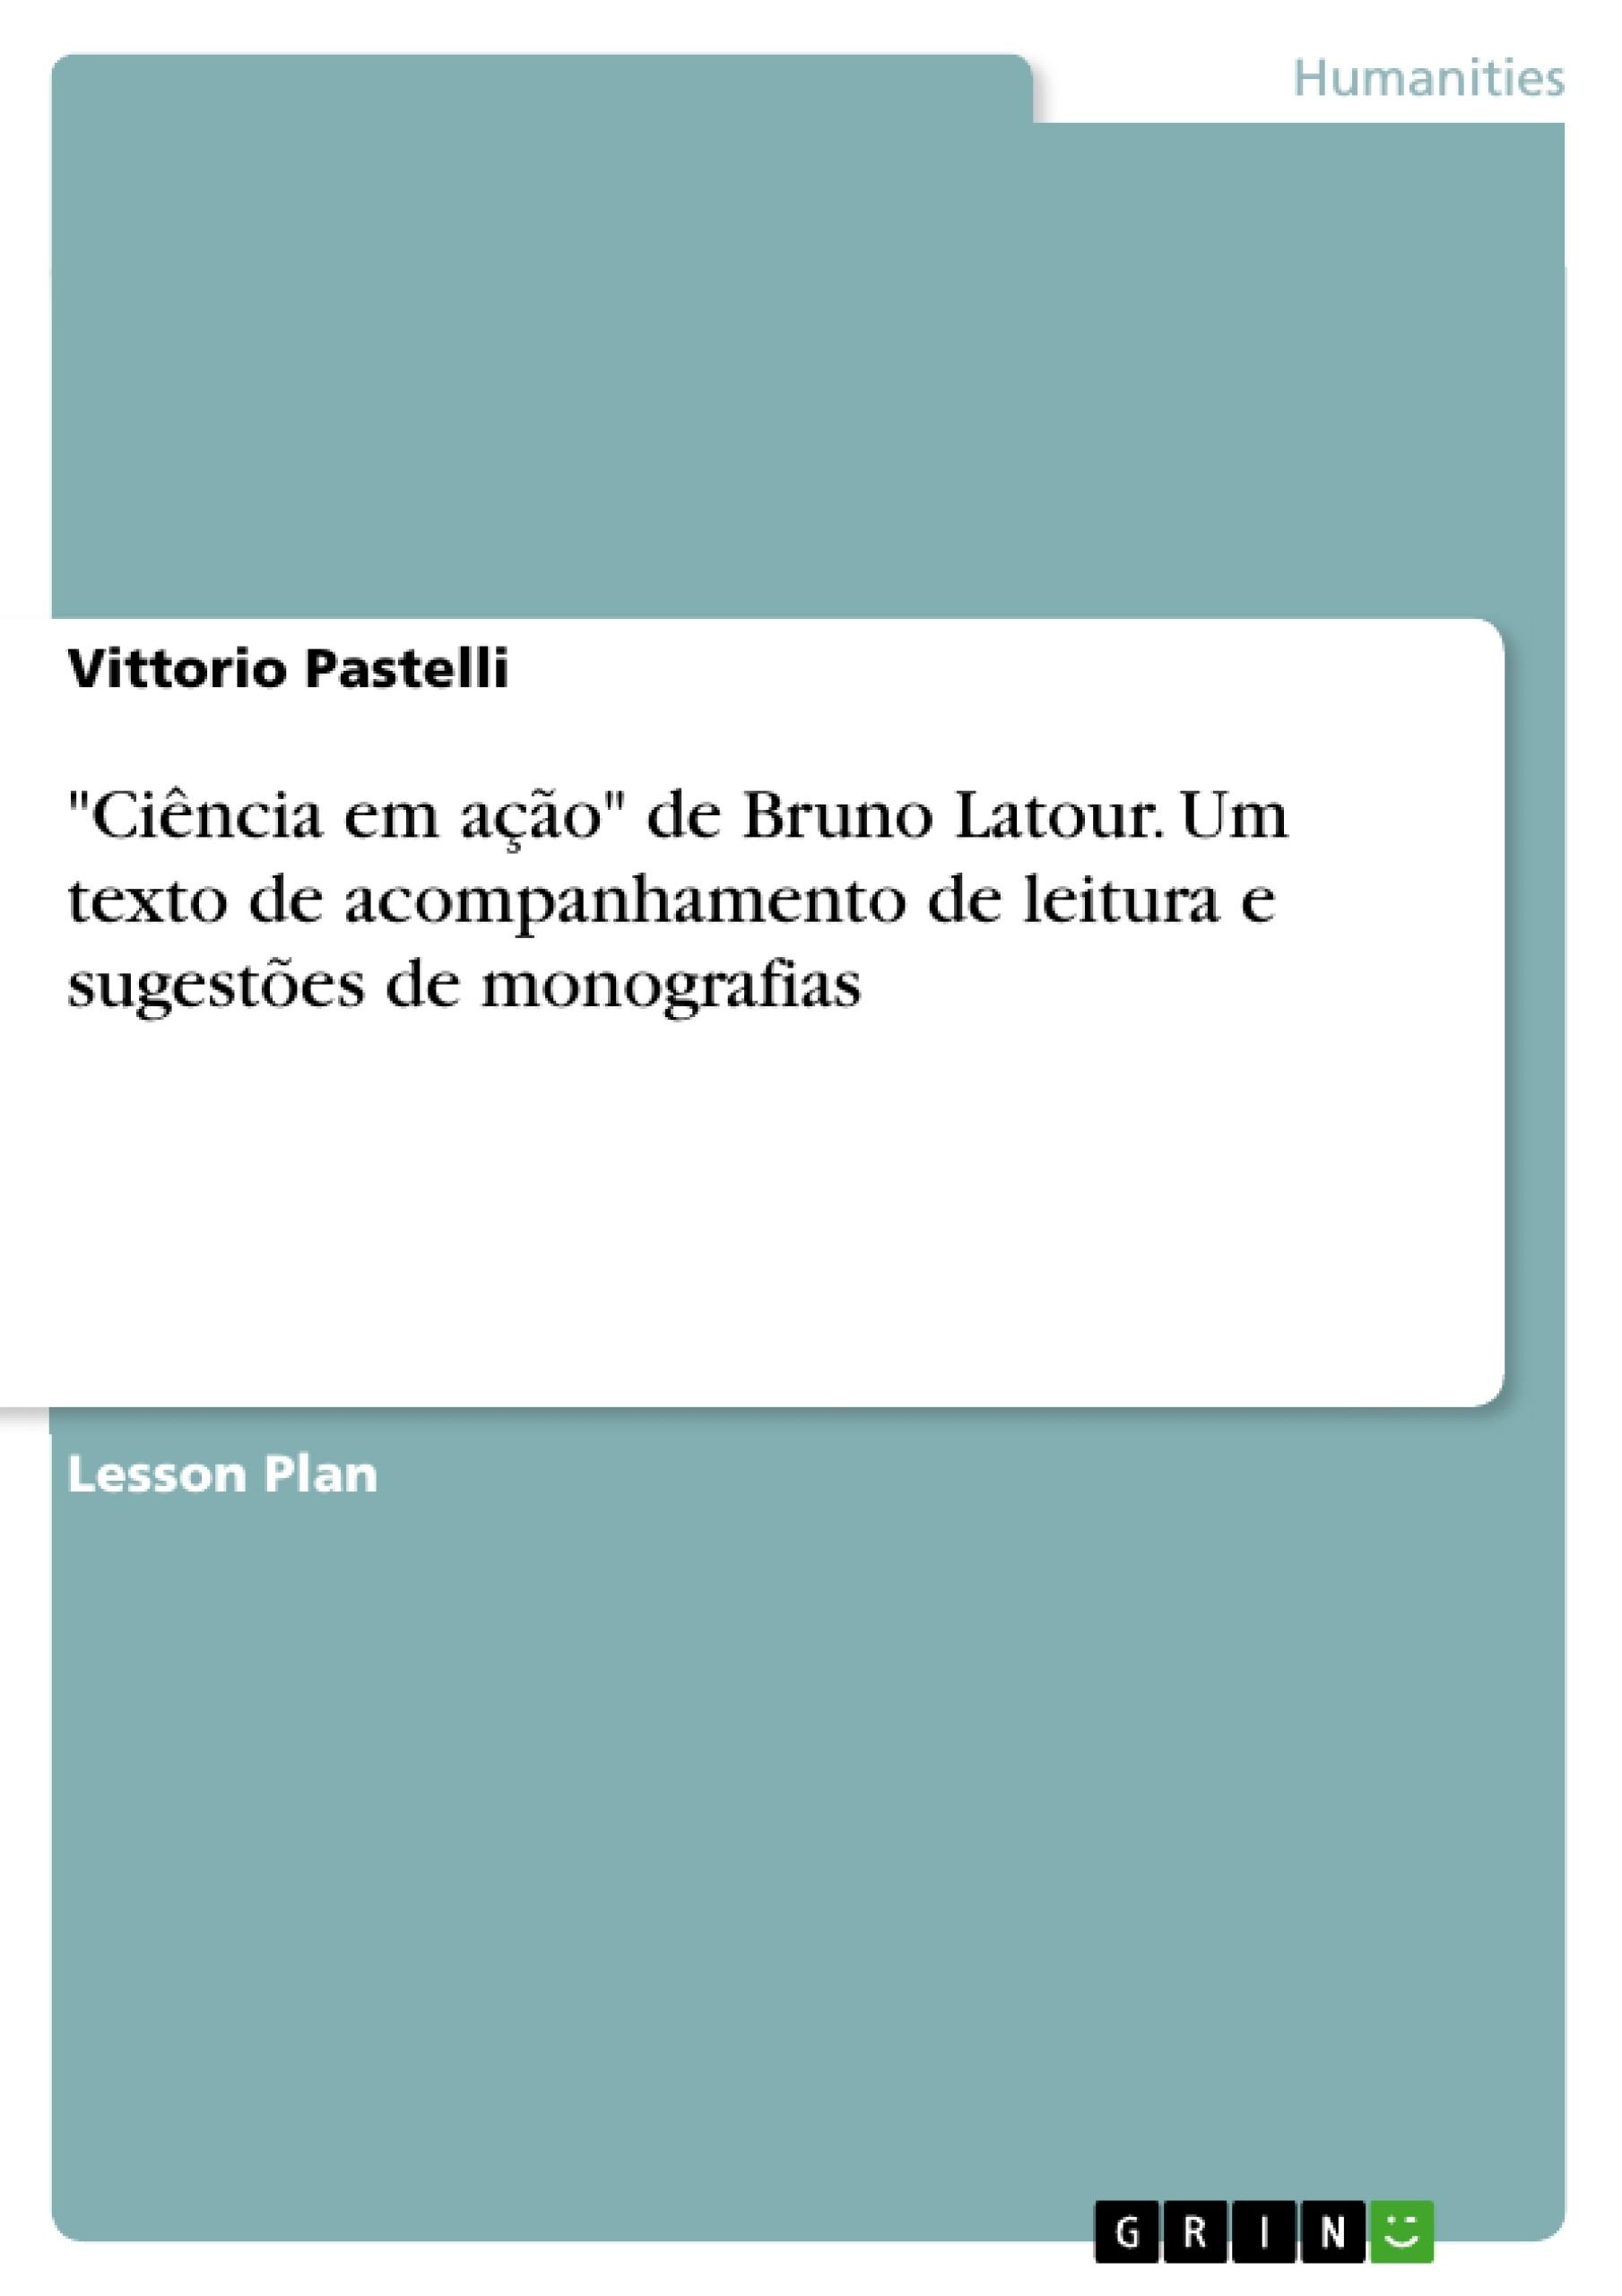 """Title: """"Ciência em ação"""" de Bruno Latour. Um texto de acompanhamento de leitura e sugestões de monografias"""